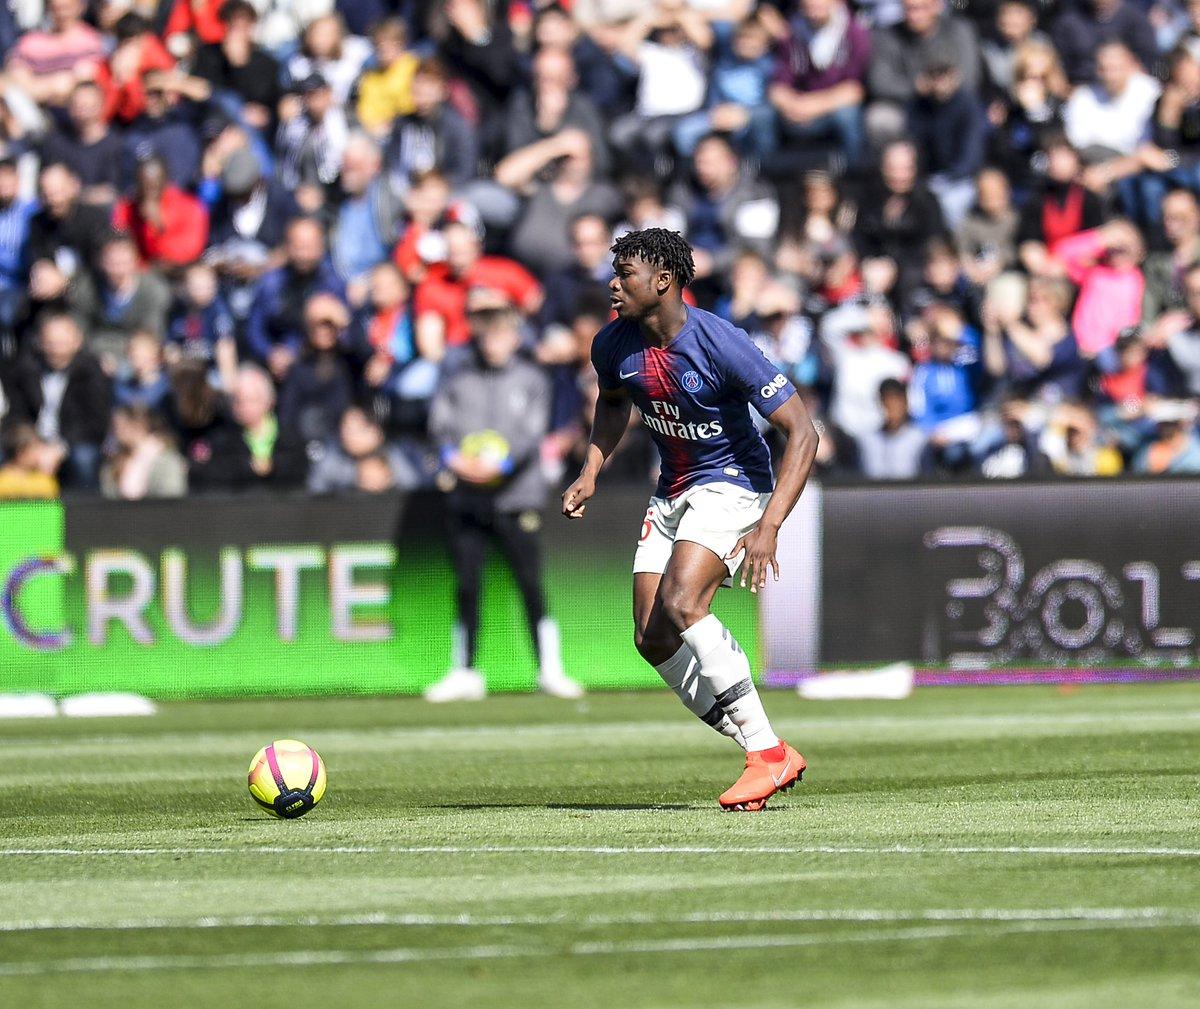 Championnat de France de football LIGUE 1 2018-2019-2020 - Page 21 D6TD2ZFW0AADFUz